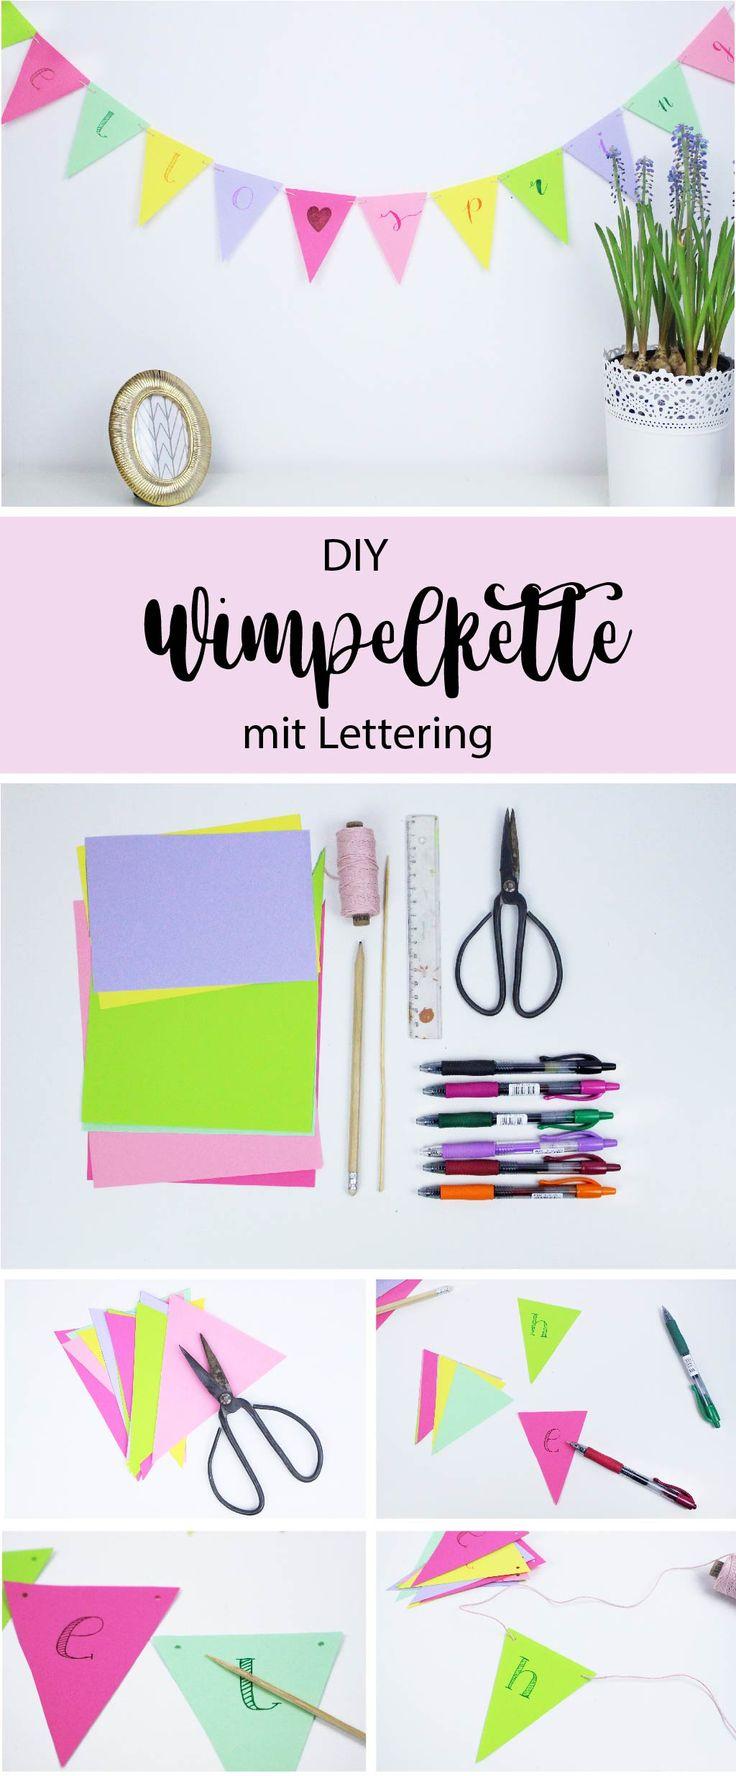 DIY Frühlingsdeko: Wimpelkette mit Lettering basteln